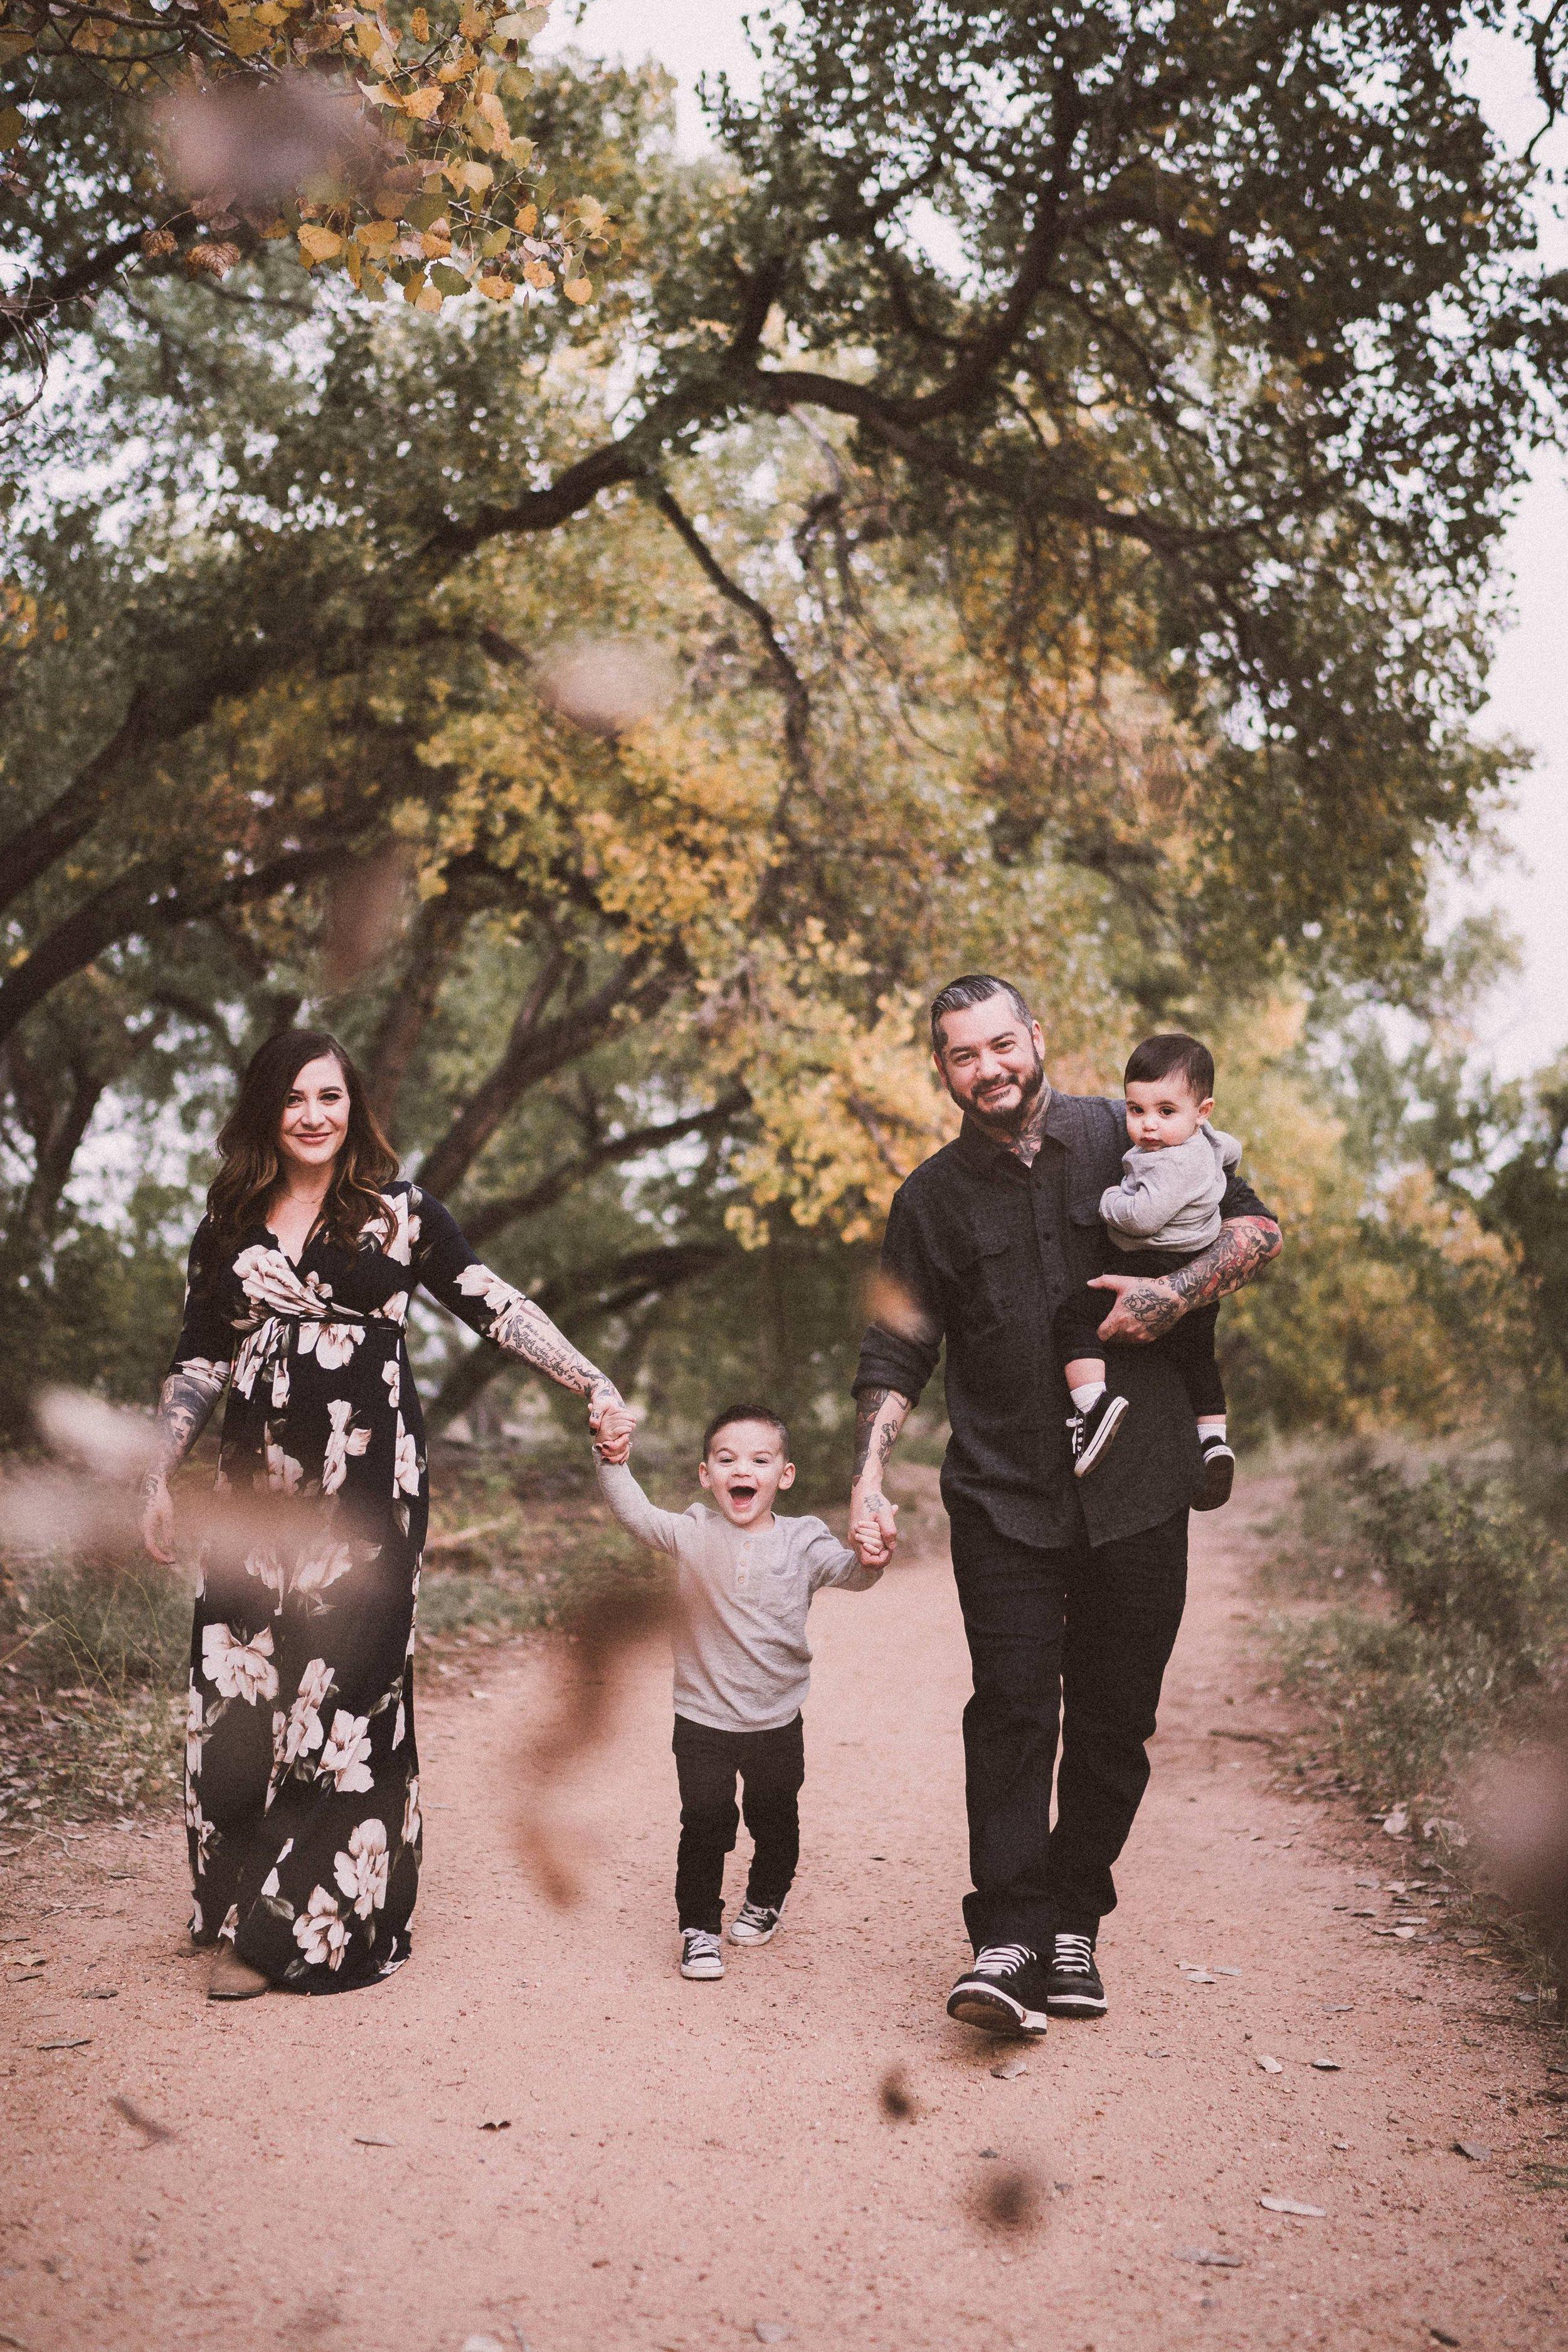 TONY-GAMBINO-PHOTOGRAPHY-BEND-OREGON-FAMILY-PHOTO-SHOOT-000_1550.jpg